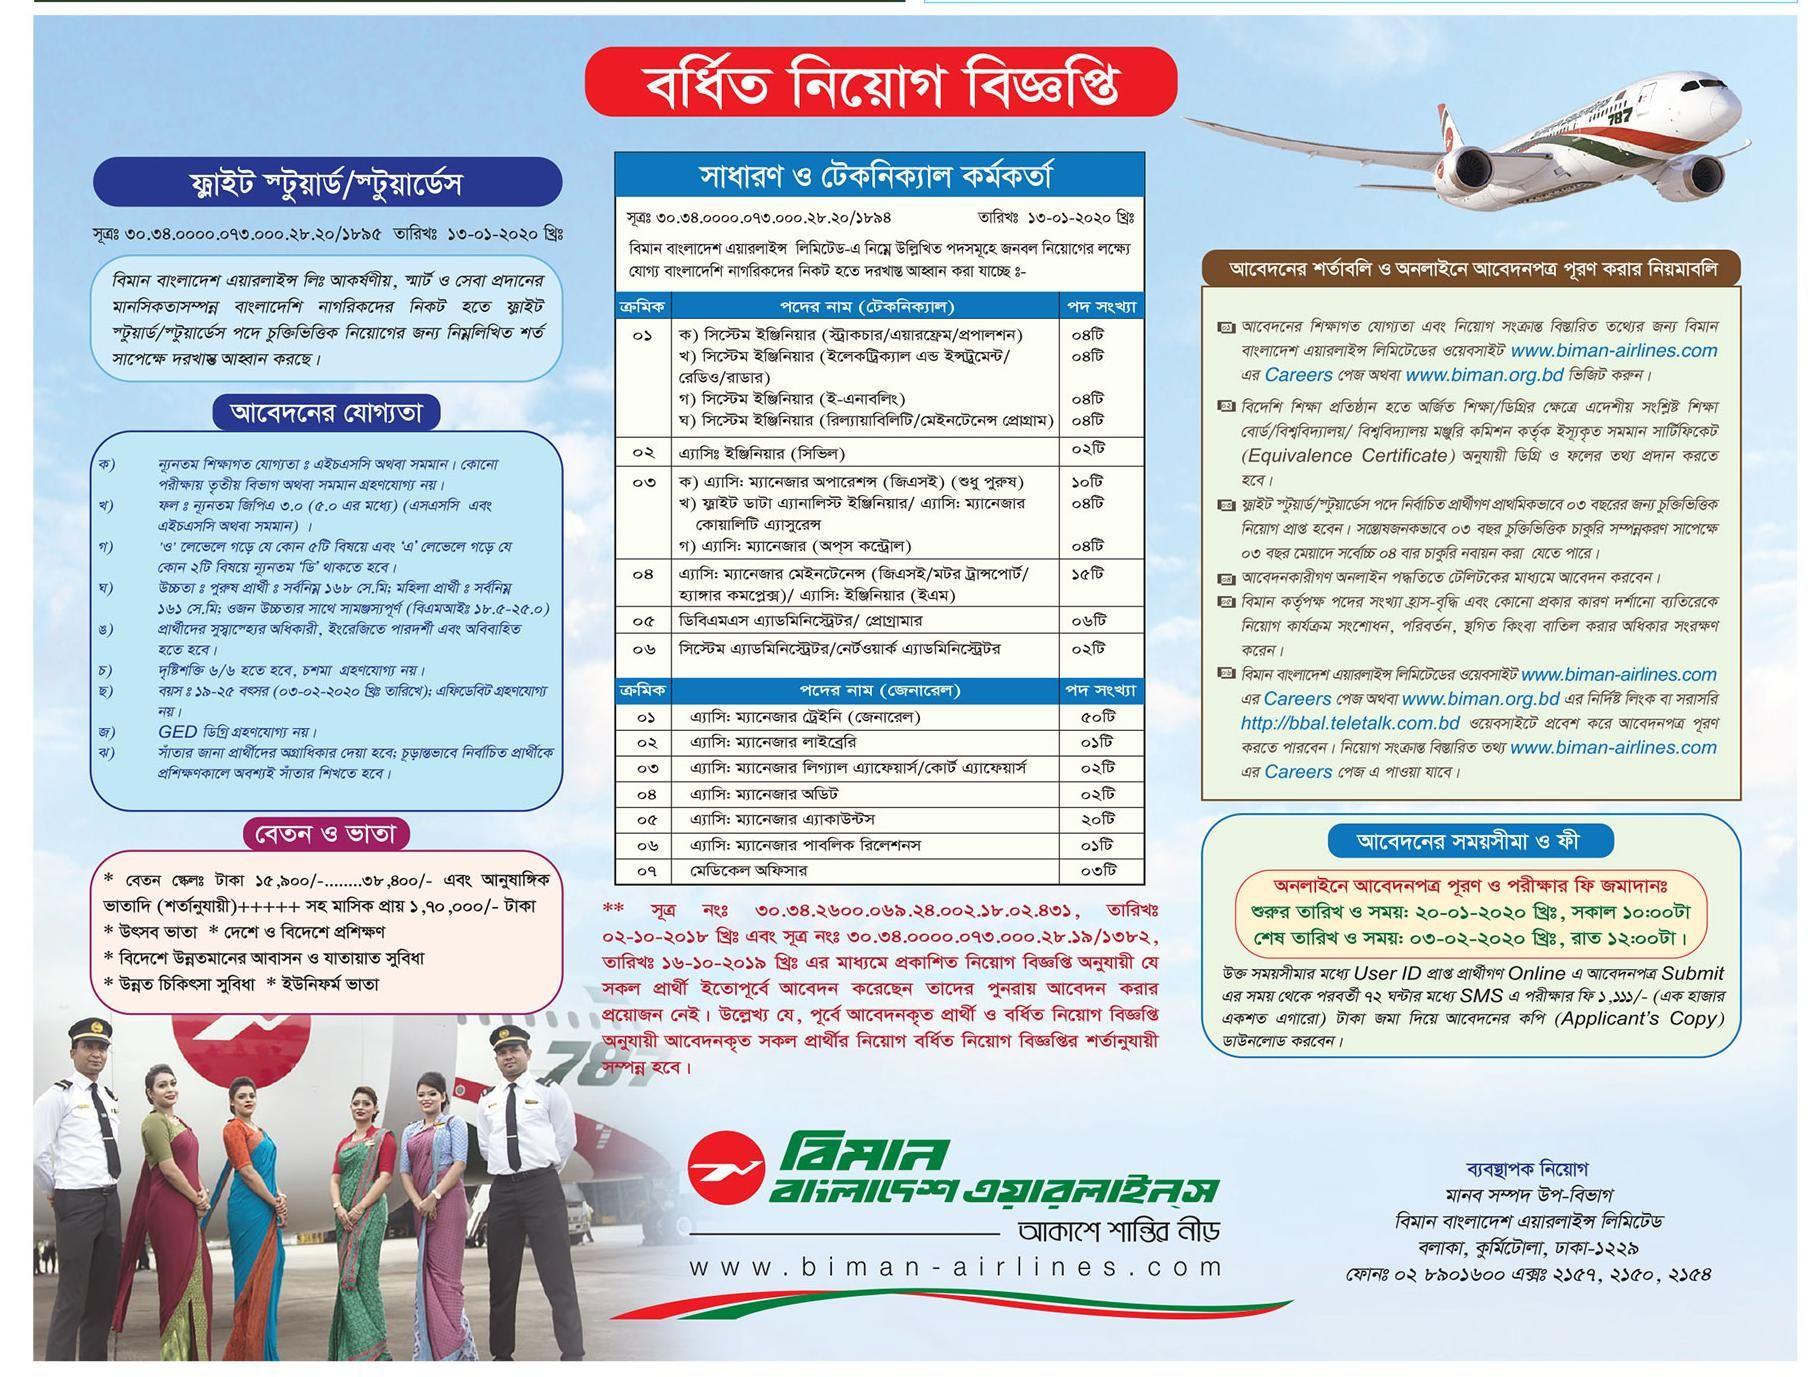 Biman Bangladesh Airlines Limited Job Circular 2020